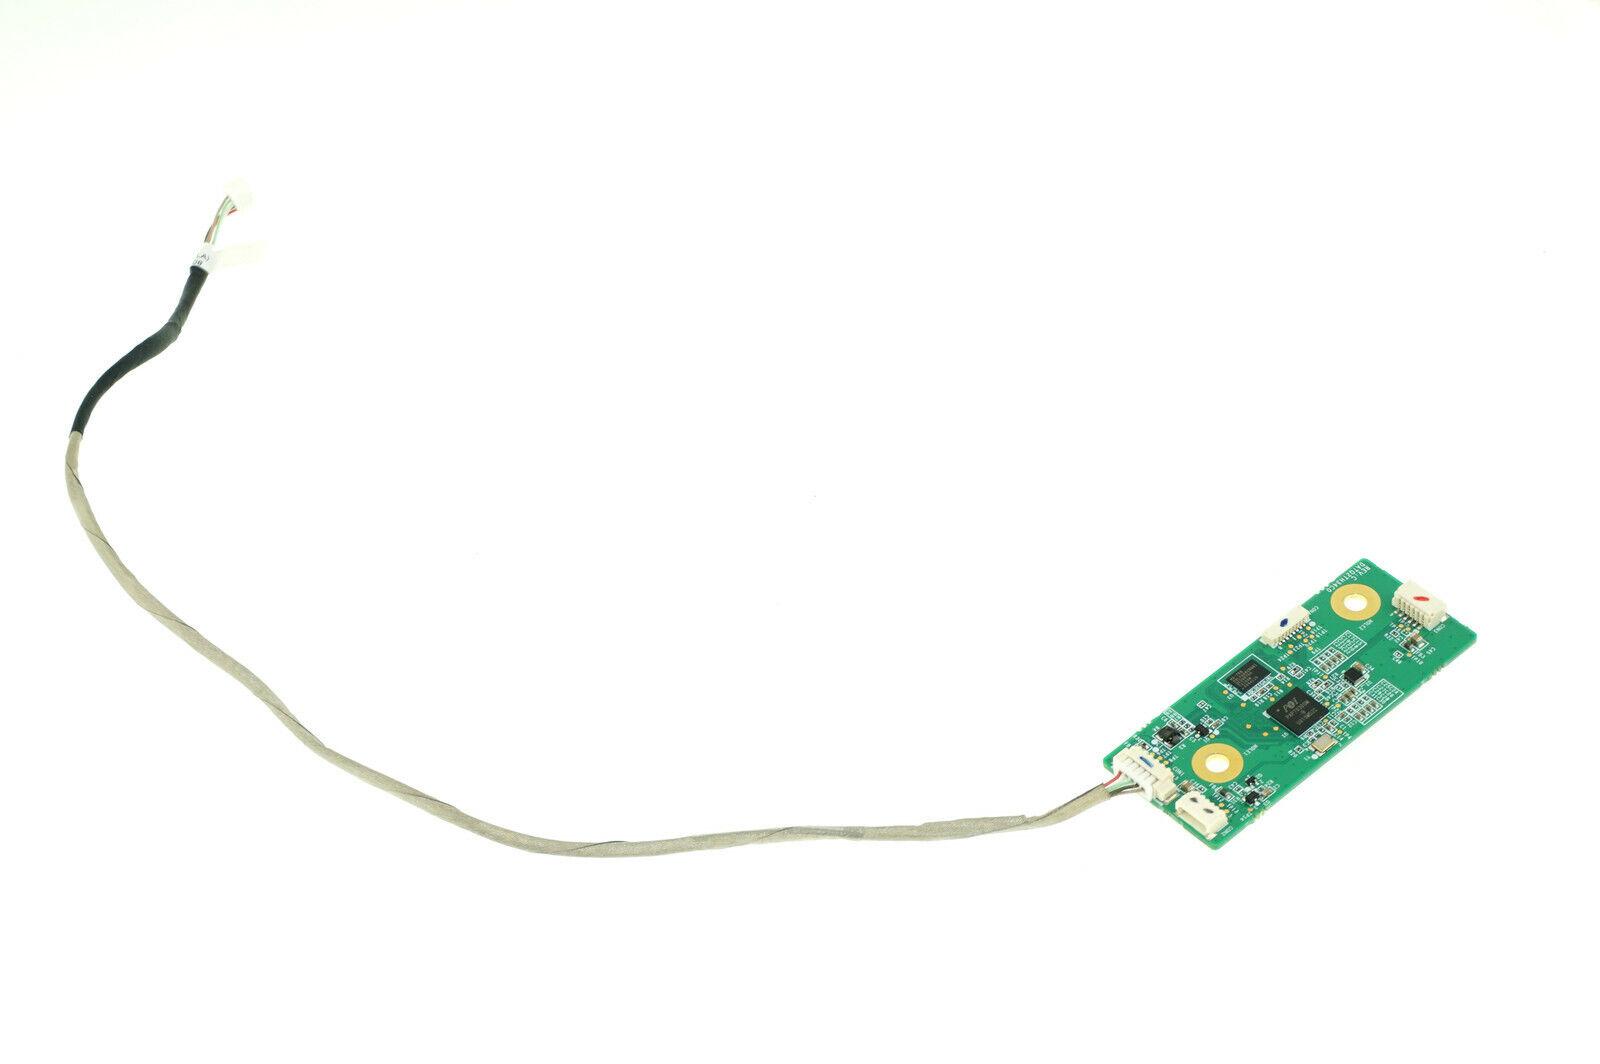 DC in Jack Power DNX Connecteur de Charge dalimentation Compatible PC Portable Sony VAIO PCG-41214L PCG-41219L PCG-41211M PCG-41215L/_0001 c/âble Note-X